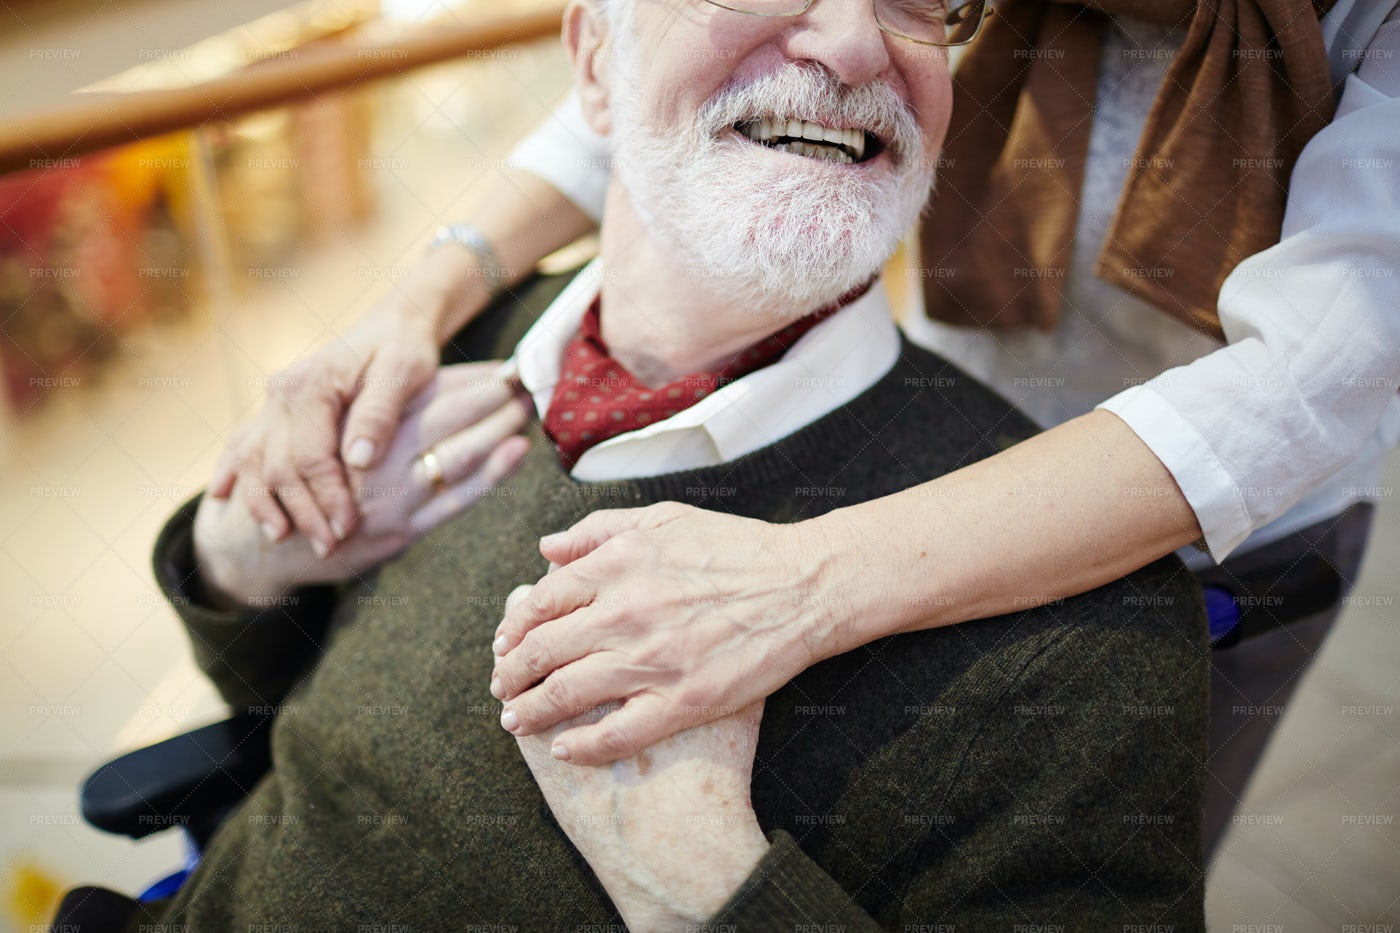 Giving Care: Stock Photos